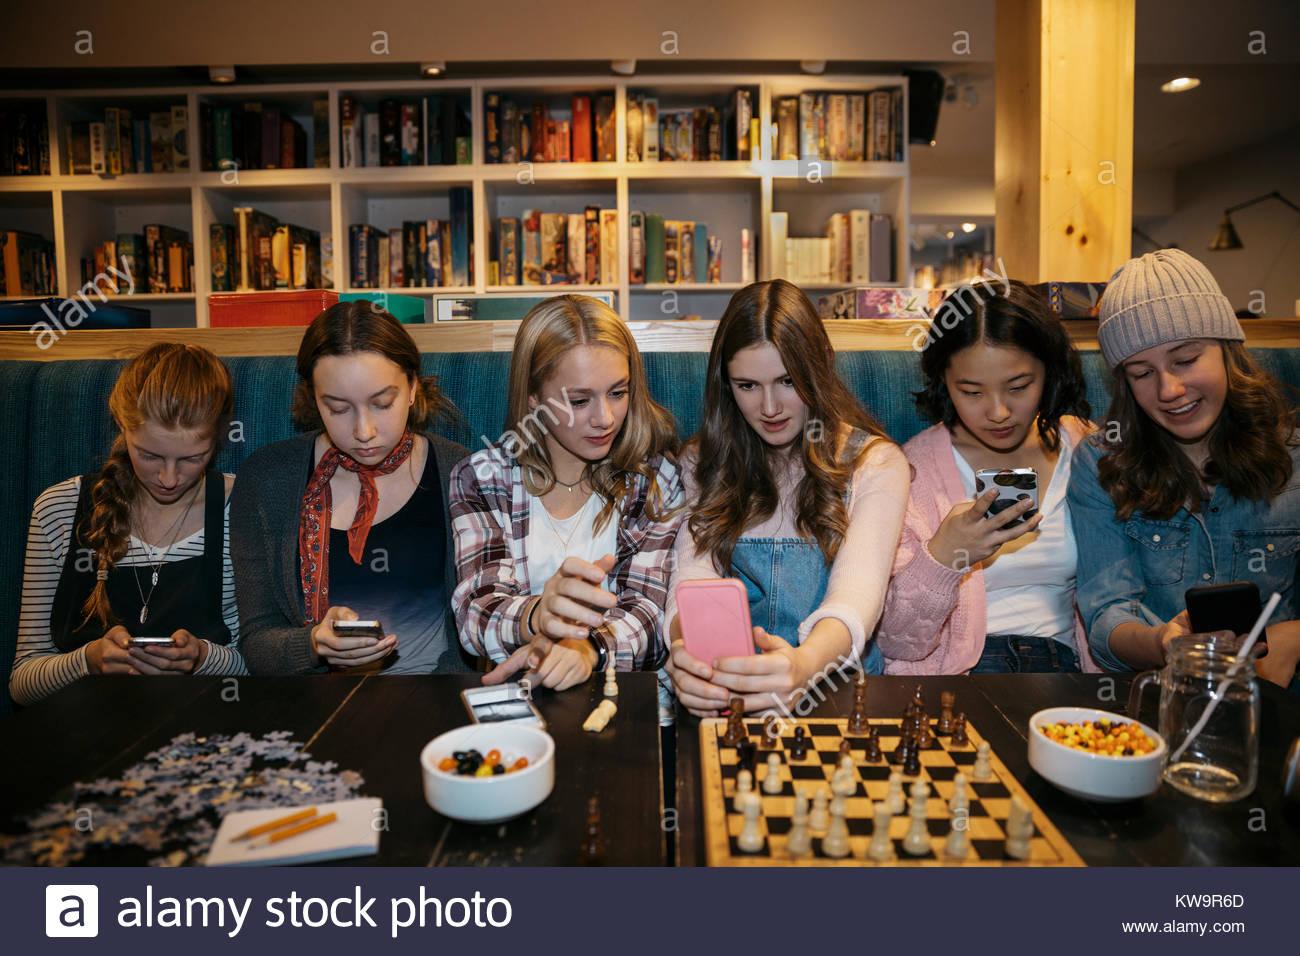 Tween girl friends in einer Reihe sitzen, sms mit Smart Phones und Schach spielen im Cafe Tabelle Stockbild